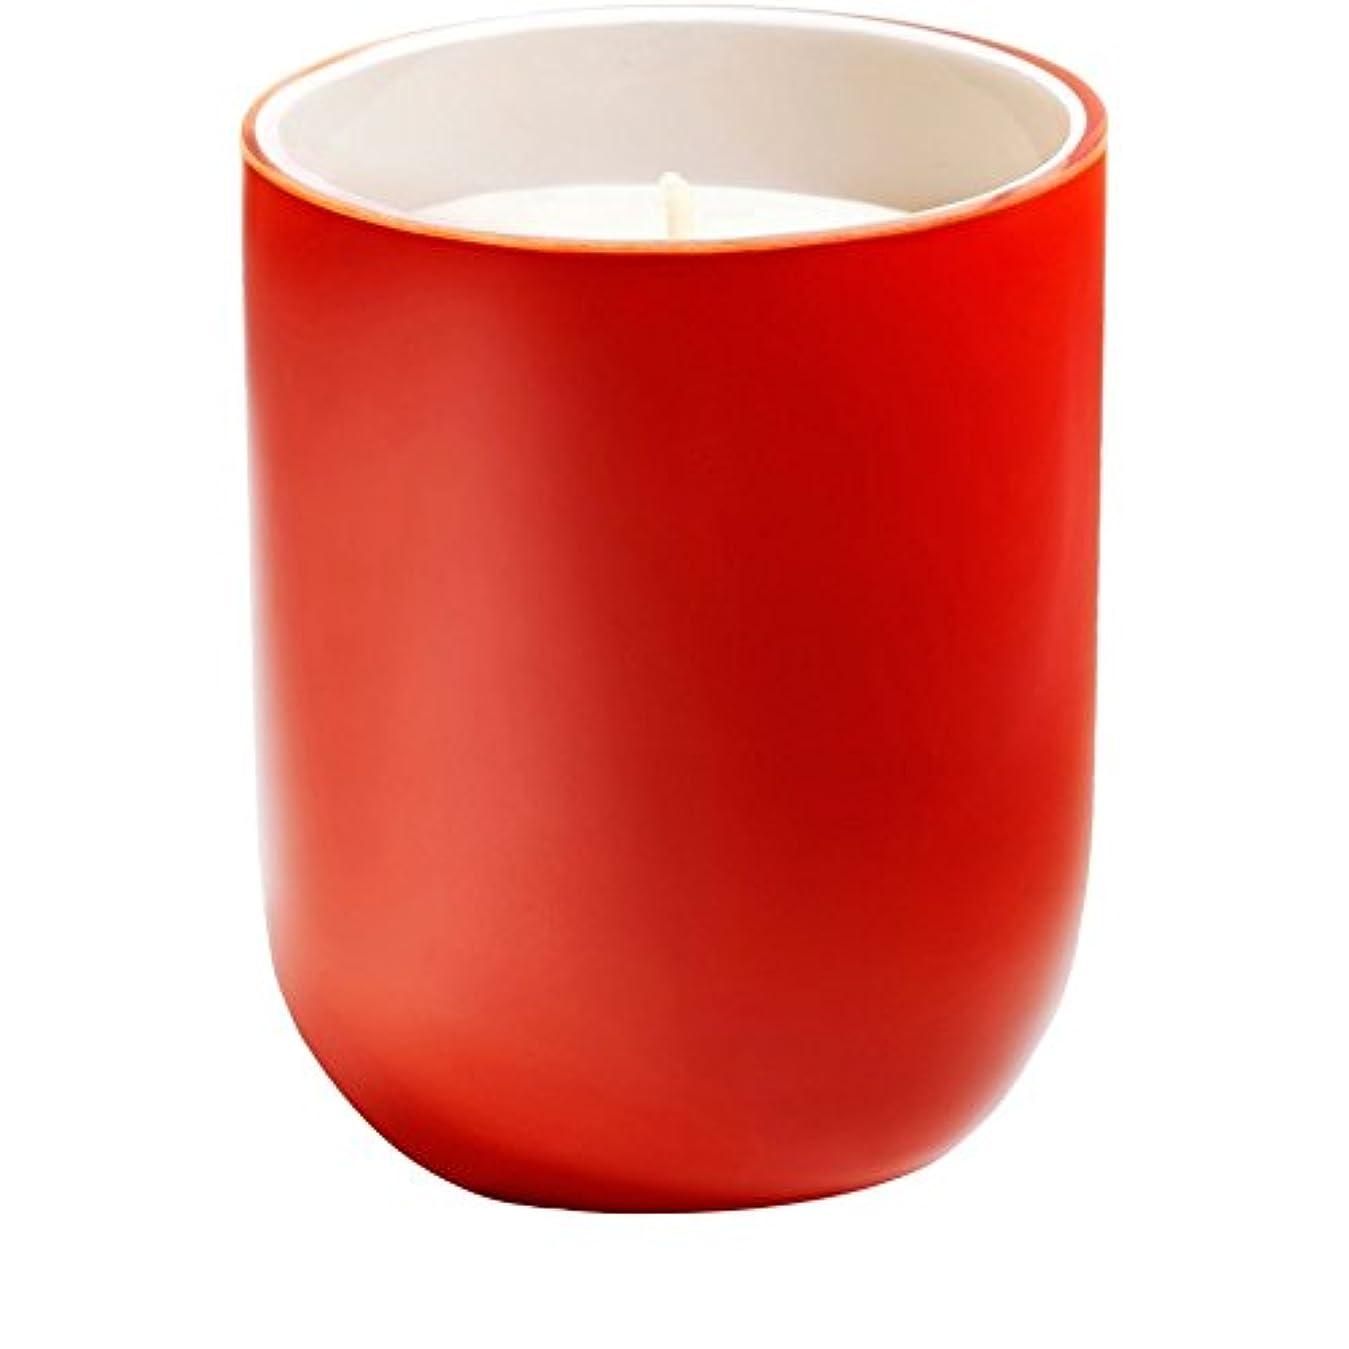 スーパーマーケット爆弾流出フレデリック?マルシェムッシュ香りのキャンドル x6 - Frederic Malle Chez Monsieur Scented Candle (Pack of 6) [並行輸入品]